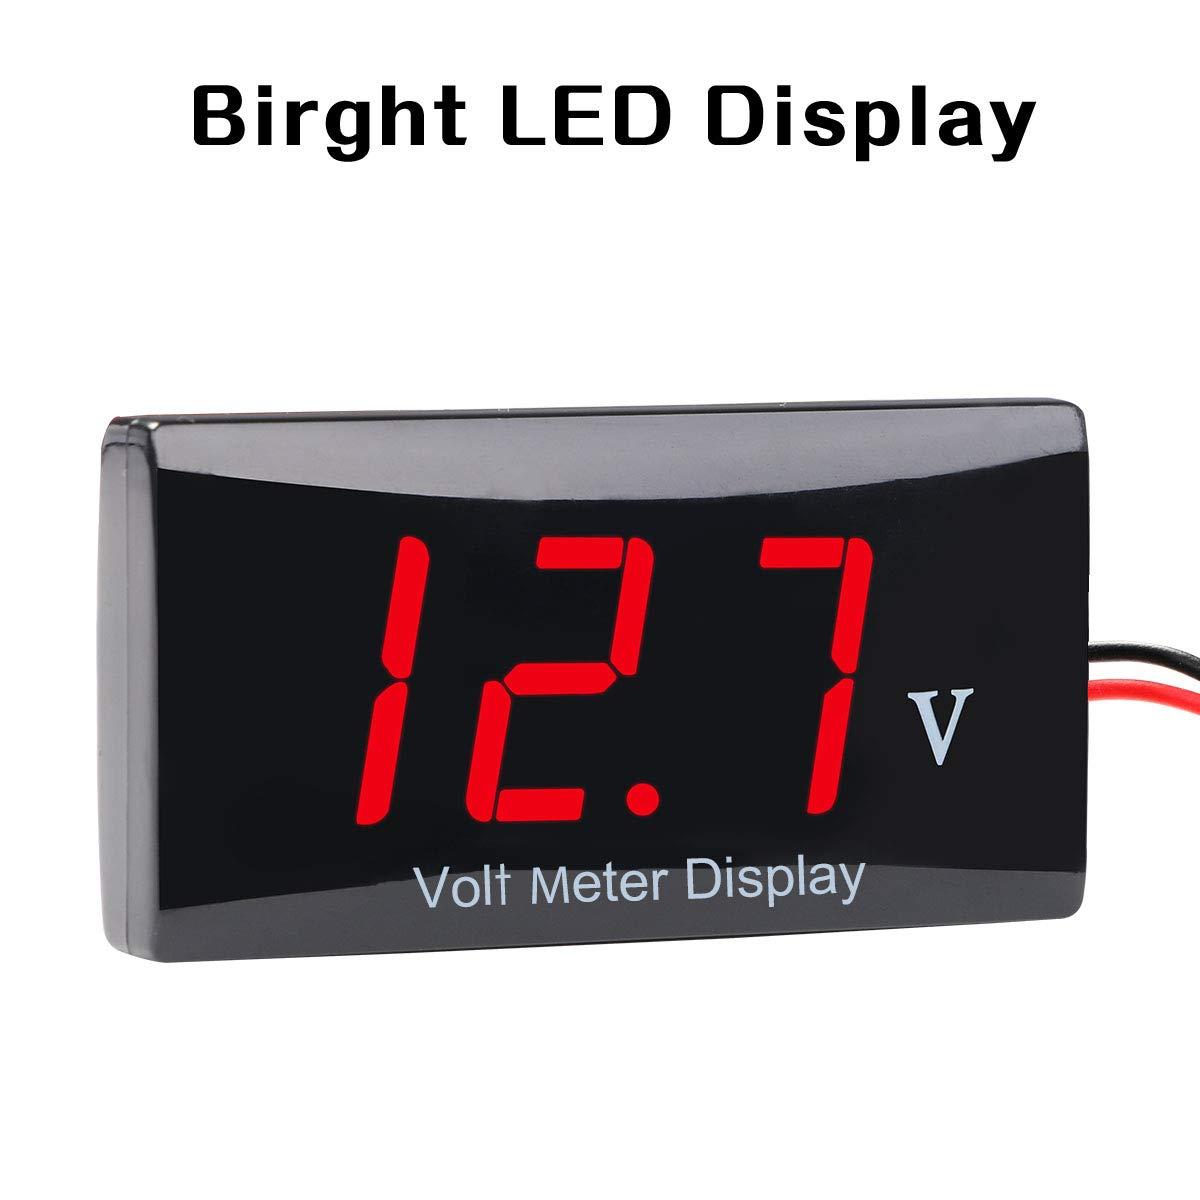 Zealforth DC 12V Digital Voltmeter blue LED Display Voltage Volt Meter Gauge for Car Motorcycle